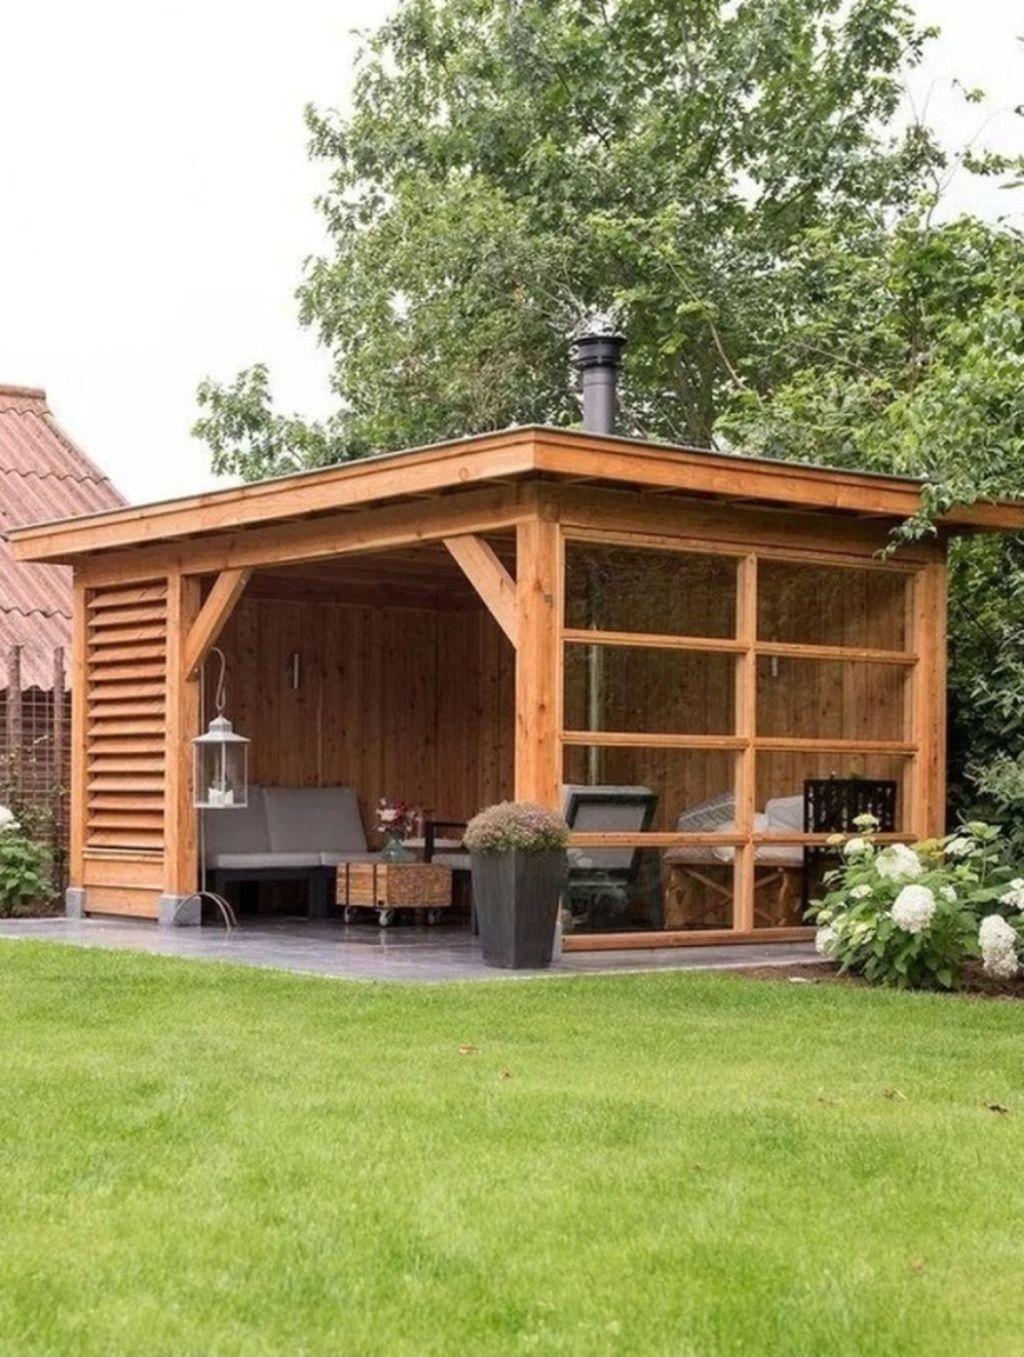 Abri De Jardin Habitable 78 luxury backyard storage shed design ideas en 2020